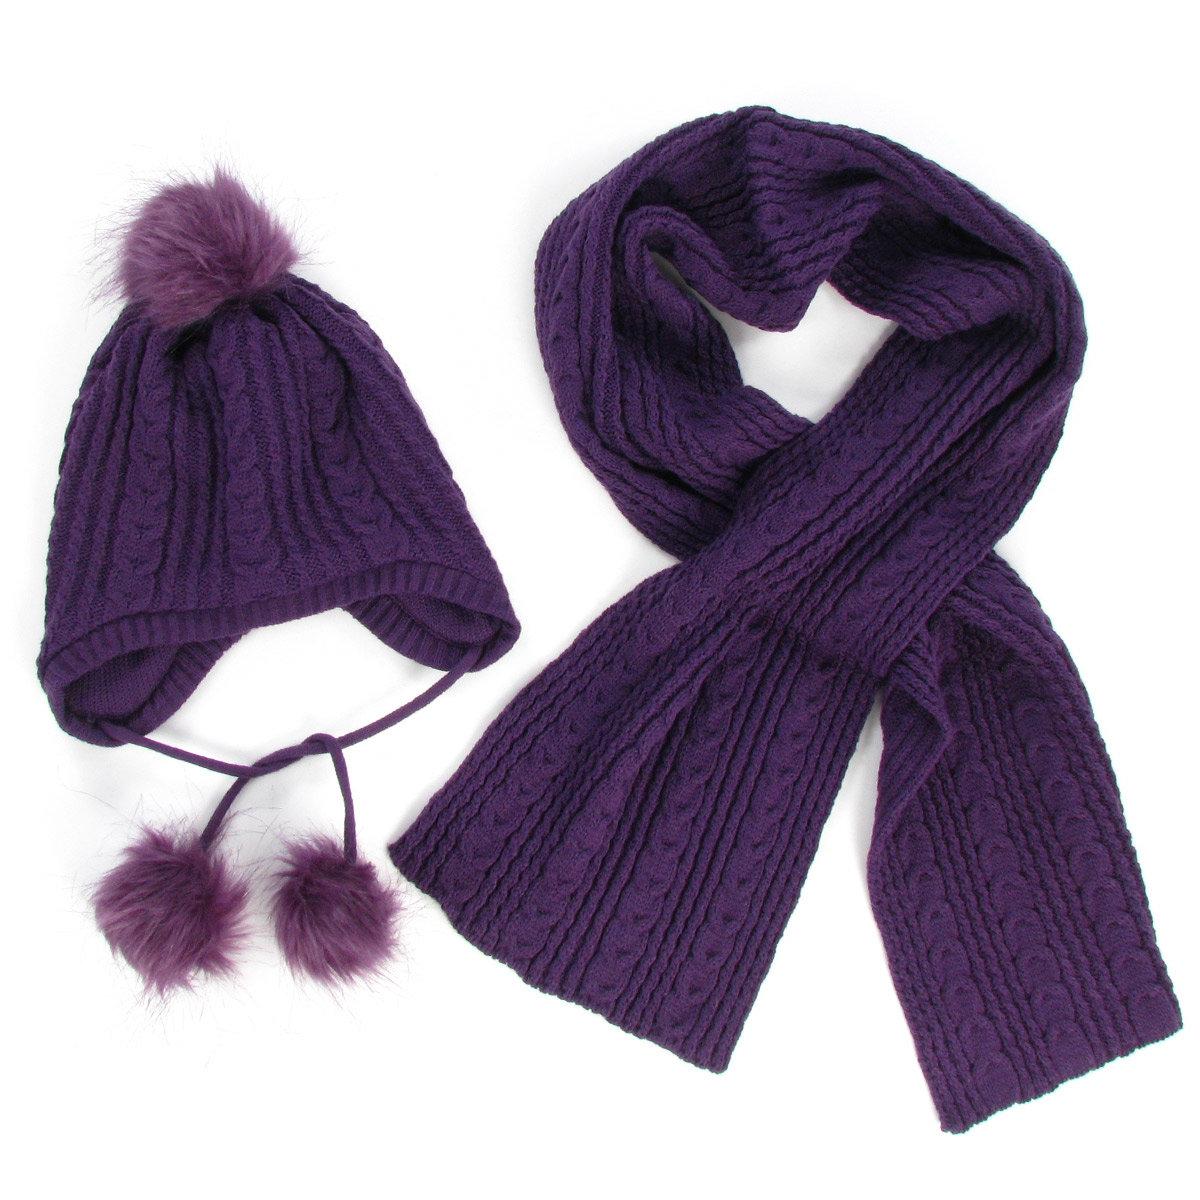 Картинки шарфа и шапки